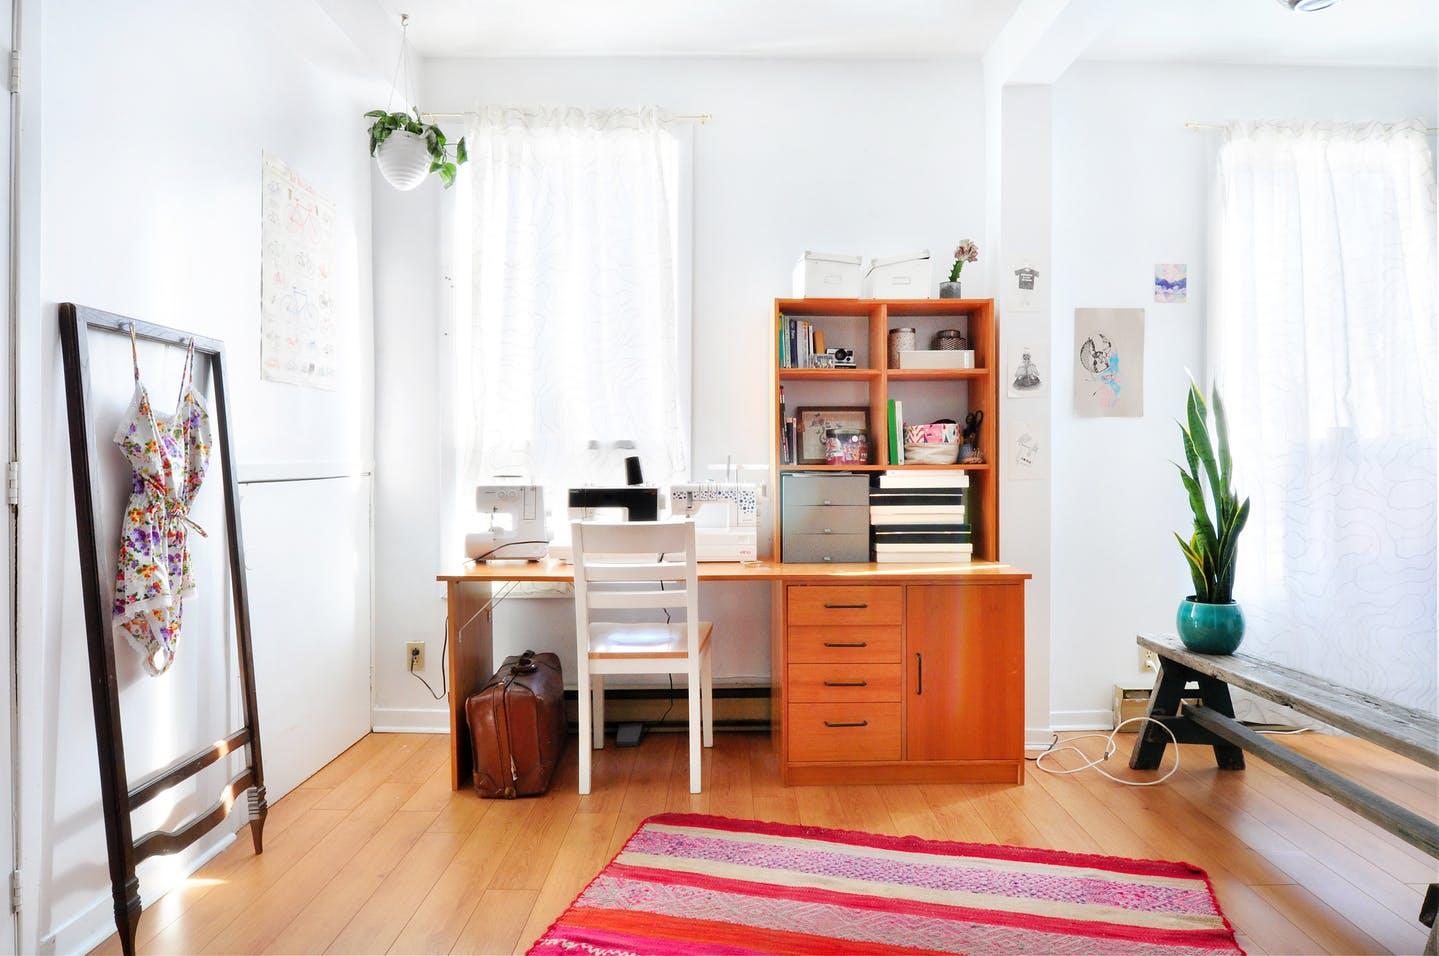 Fotografia via Aparmenttherapy.com